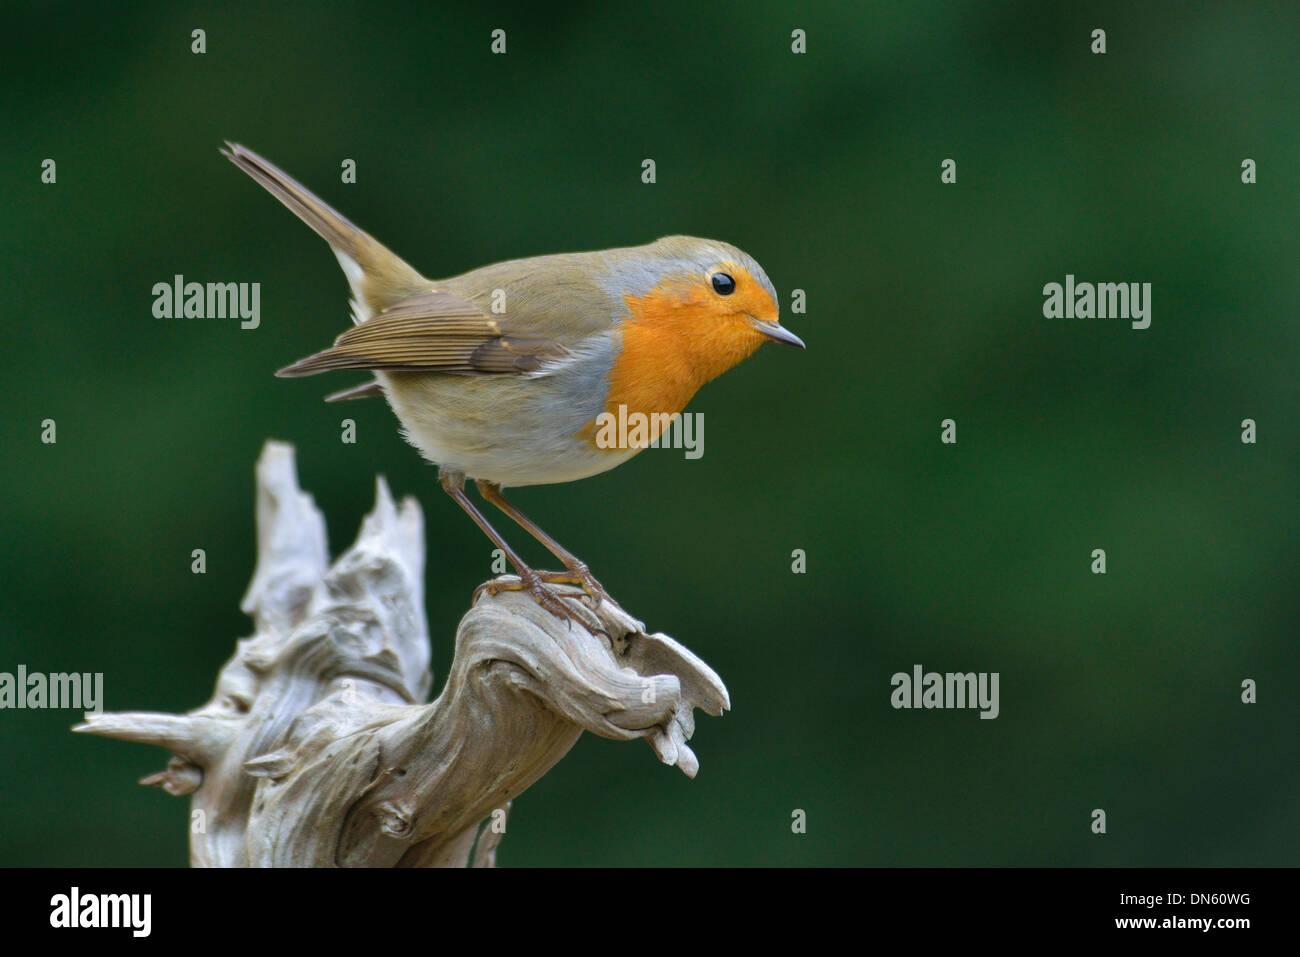 European Robin (Erithacus rubecula aux abords), de l'Ems, Basse-Saxe, Allemagne Banque D'Images